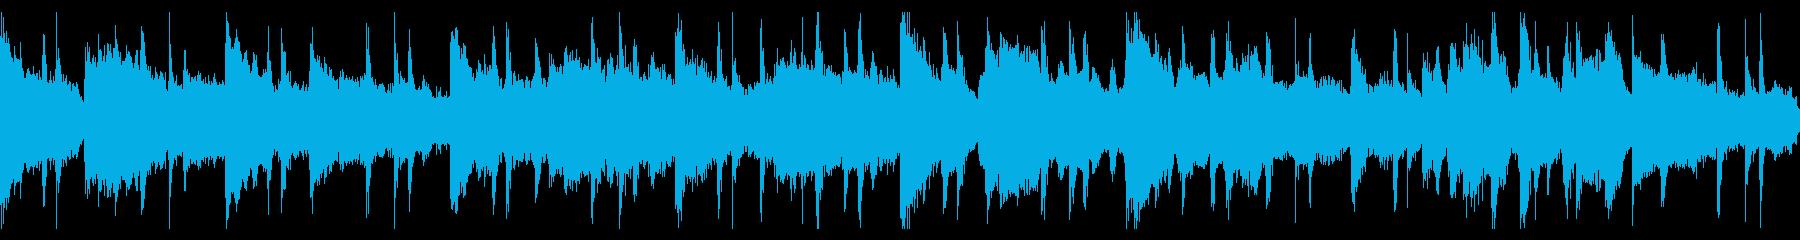 [ループ仕様]元気を貰えるシンセバラードの再生済みの波形